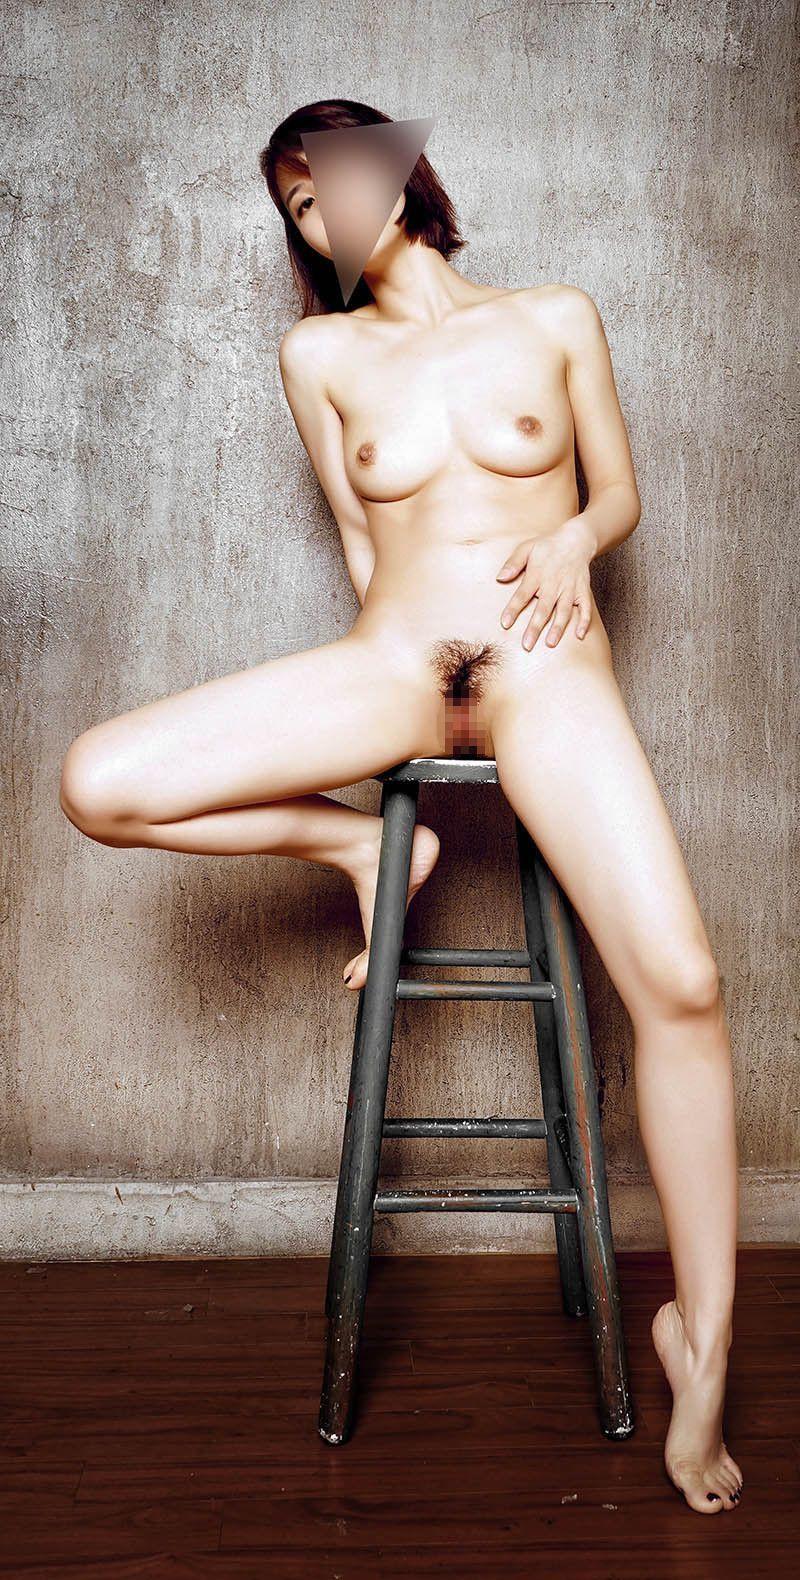 韓国美女のマンコくぱぁ画像 12